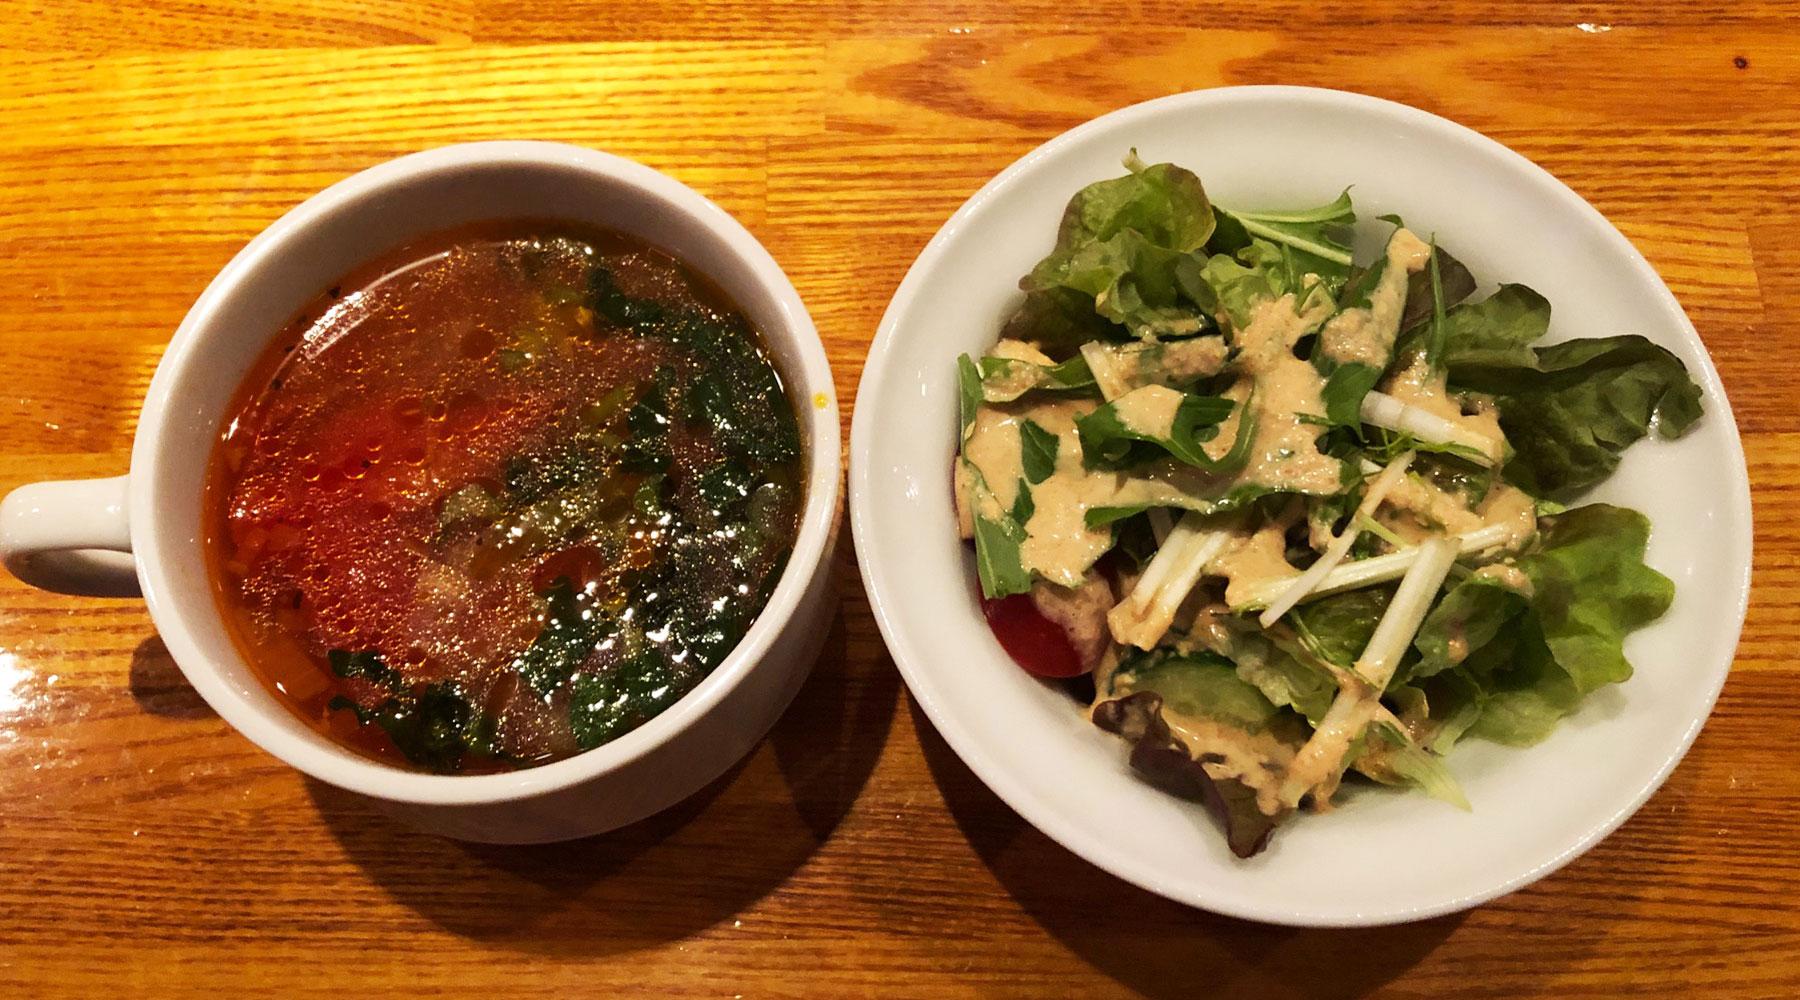 ワンステップ浦和店・ランチのスープとサラダ